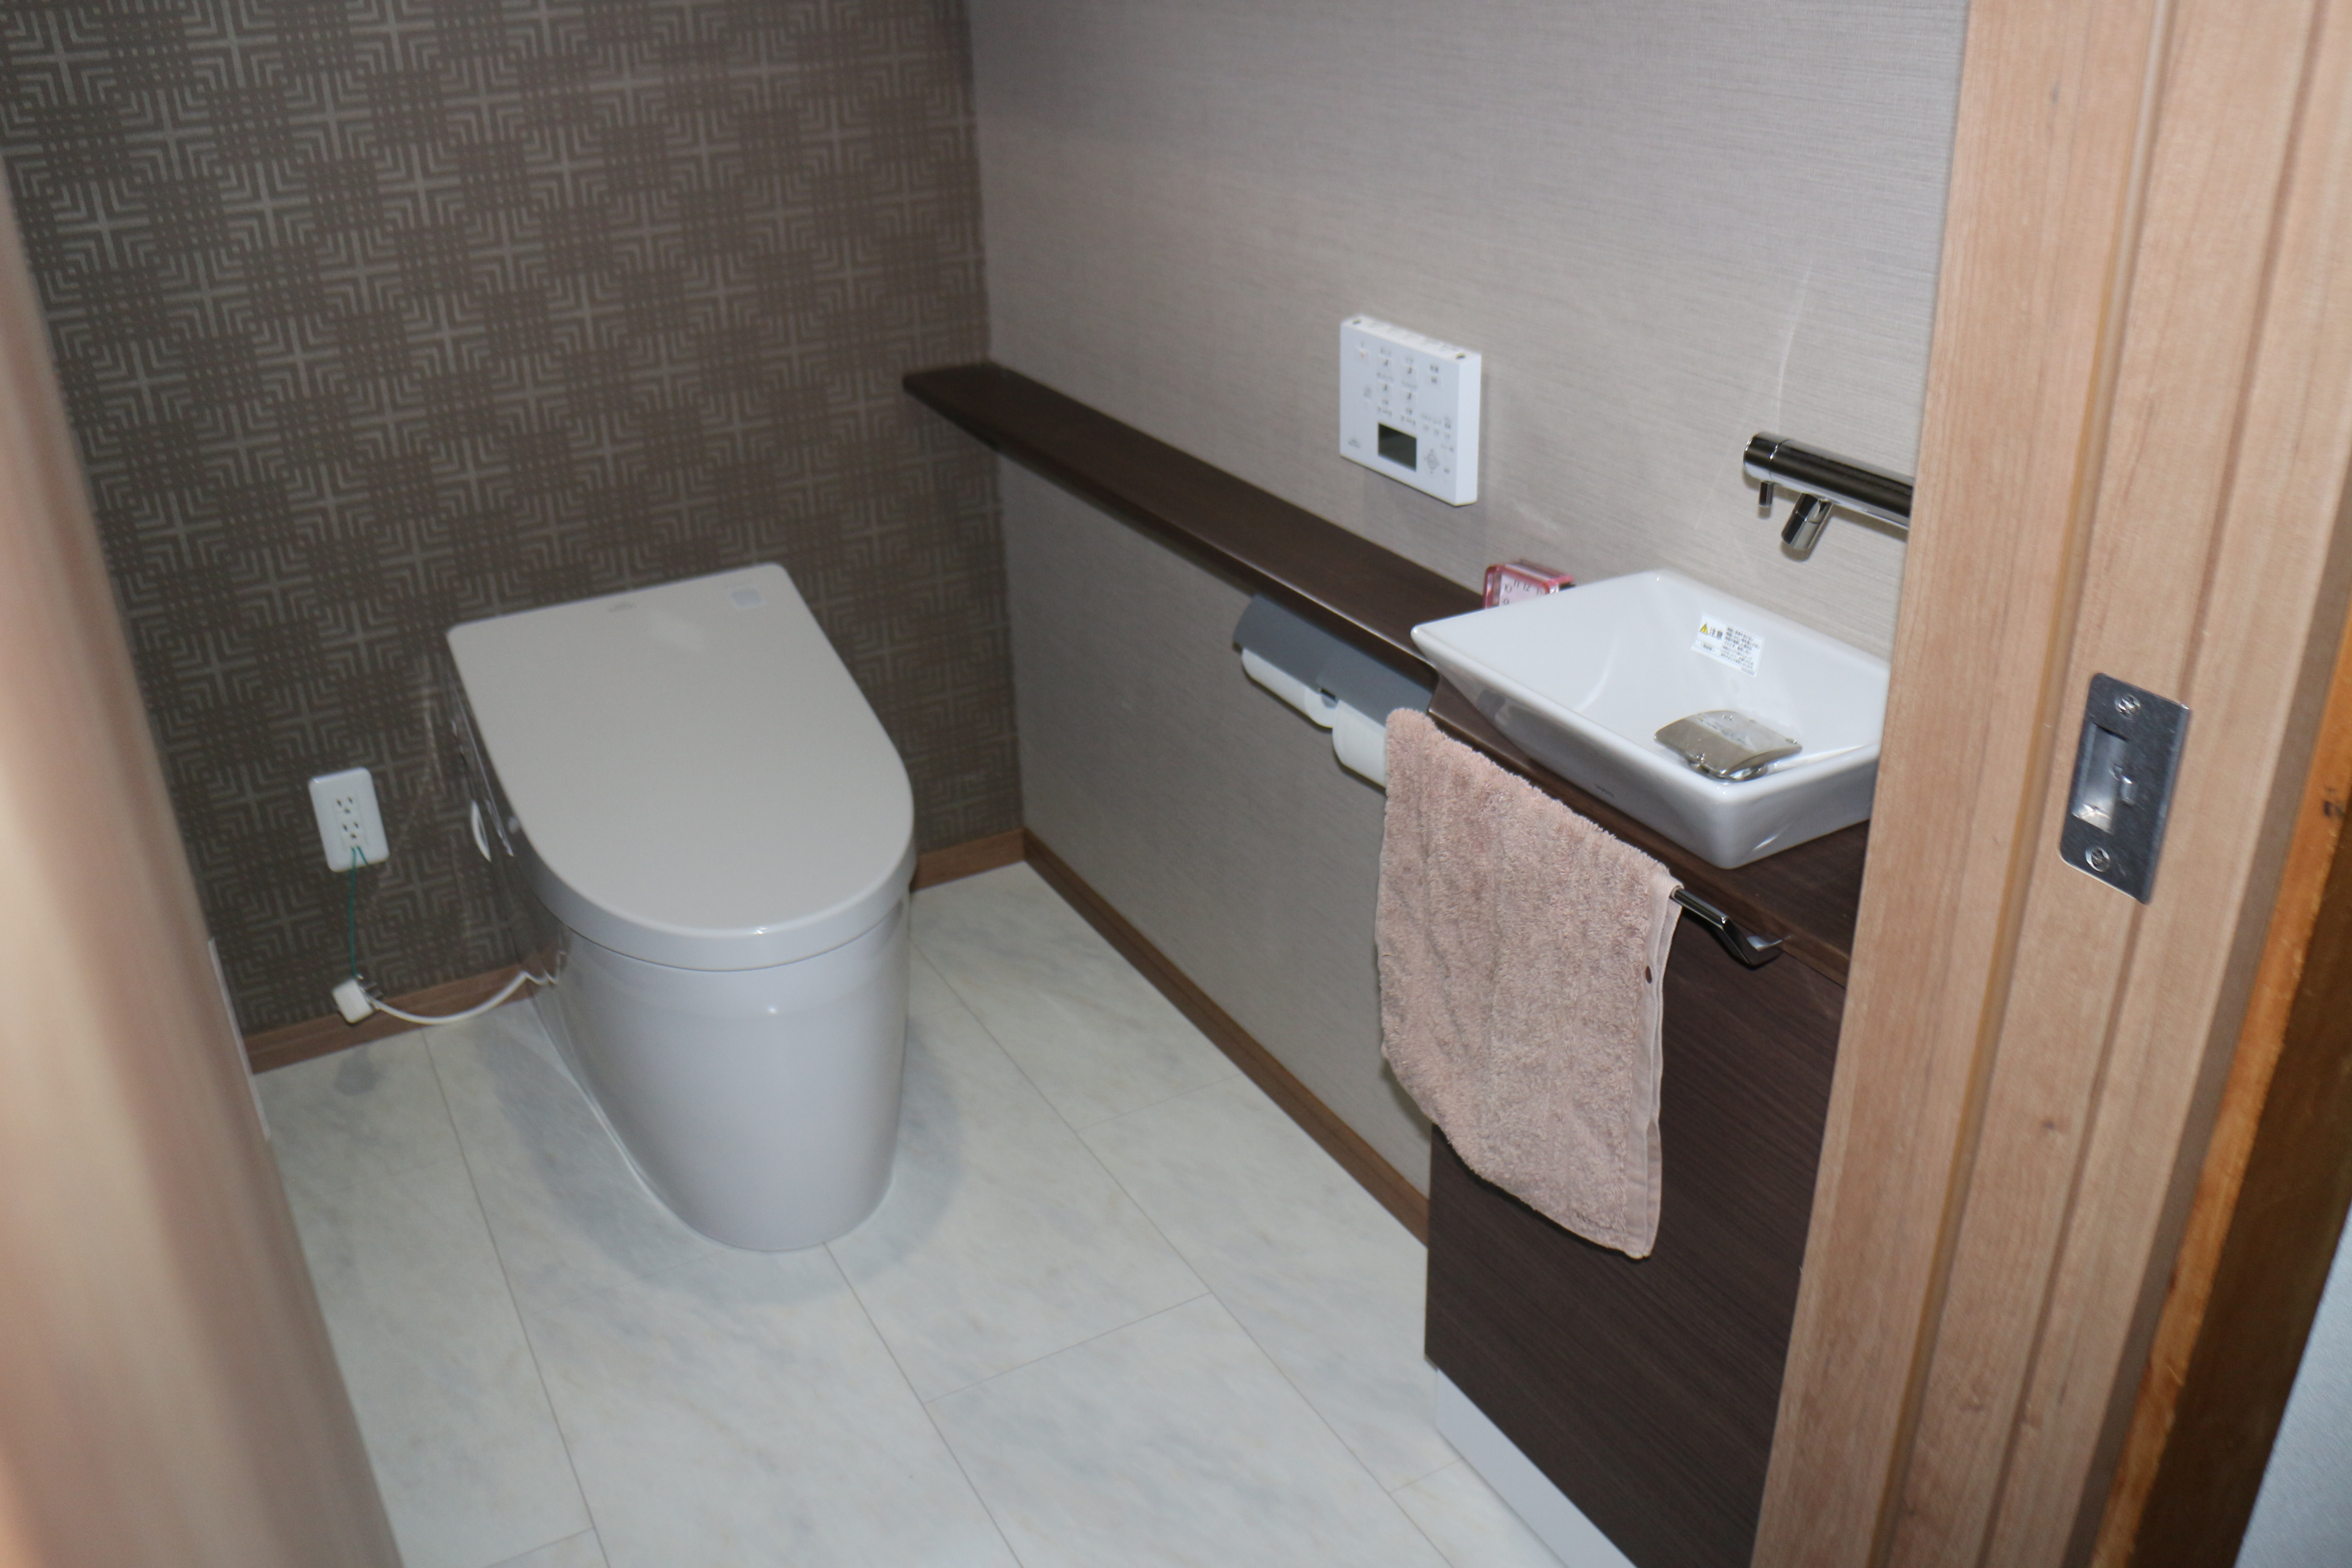 トイレ After<br> 壁紙にアクセントを持たせ、シックにまとまりました